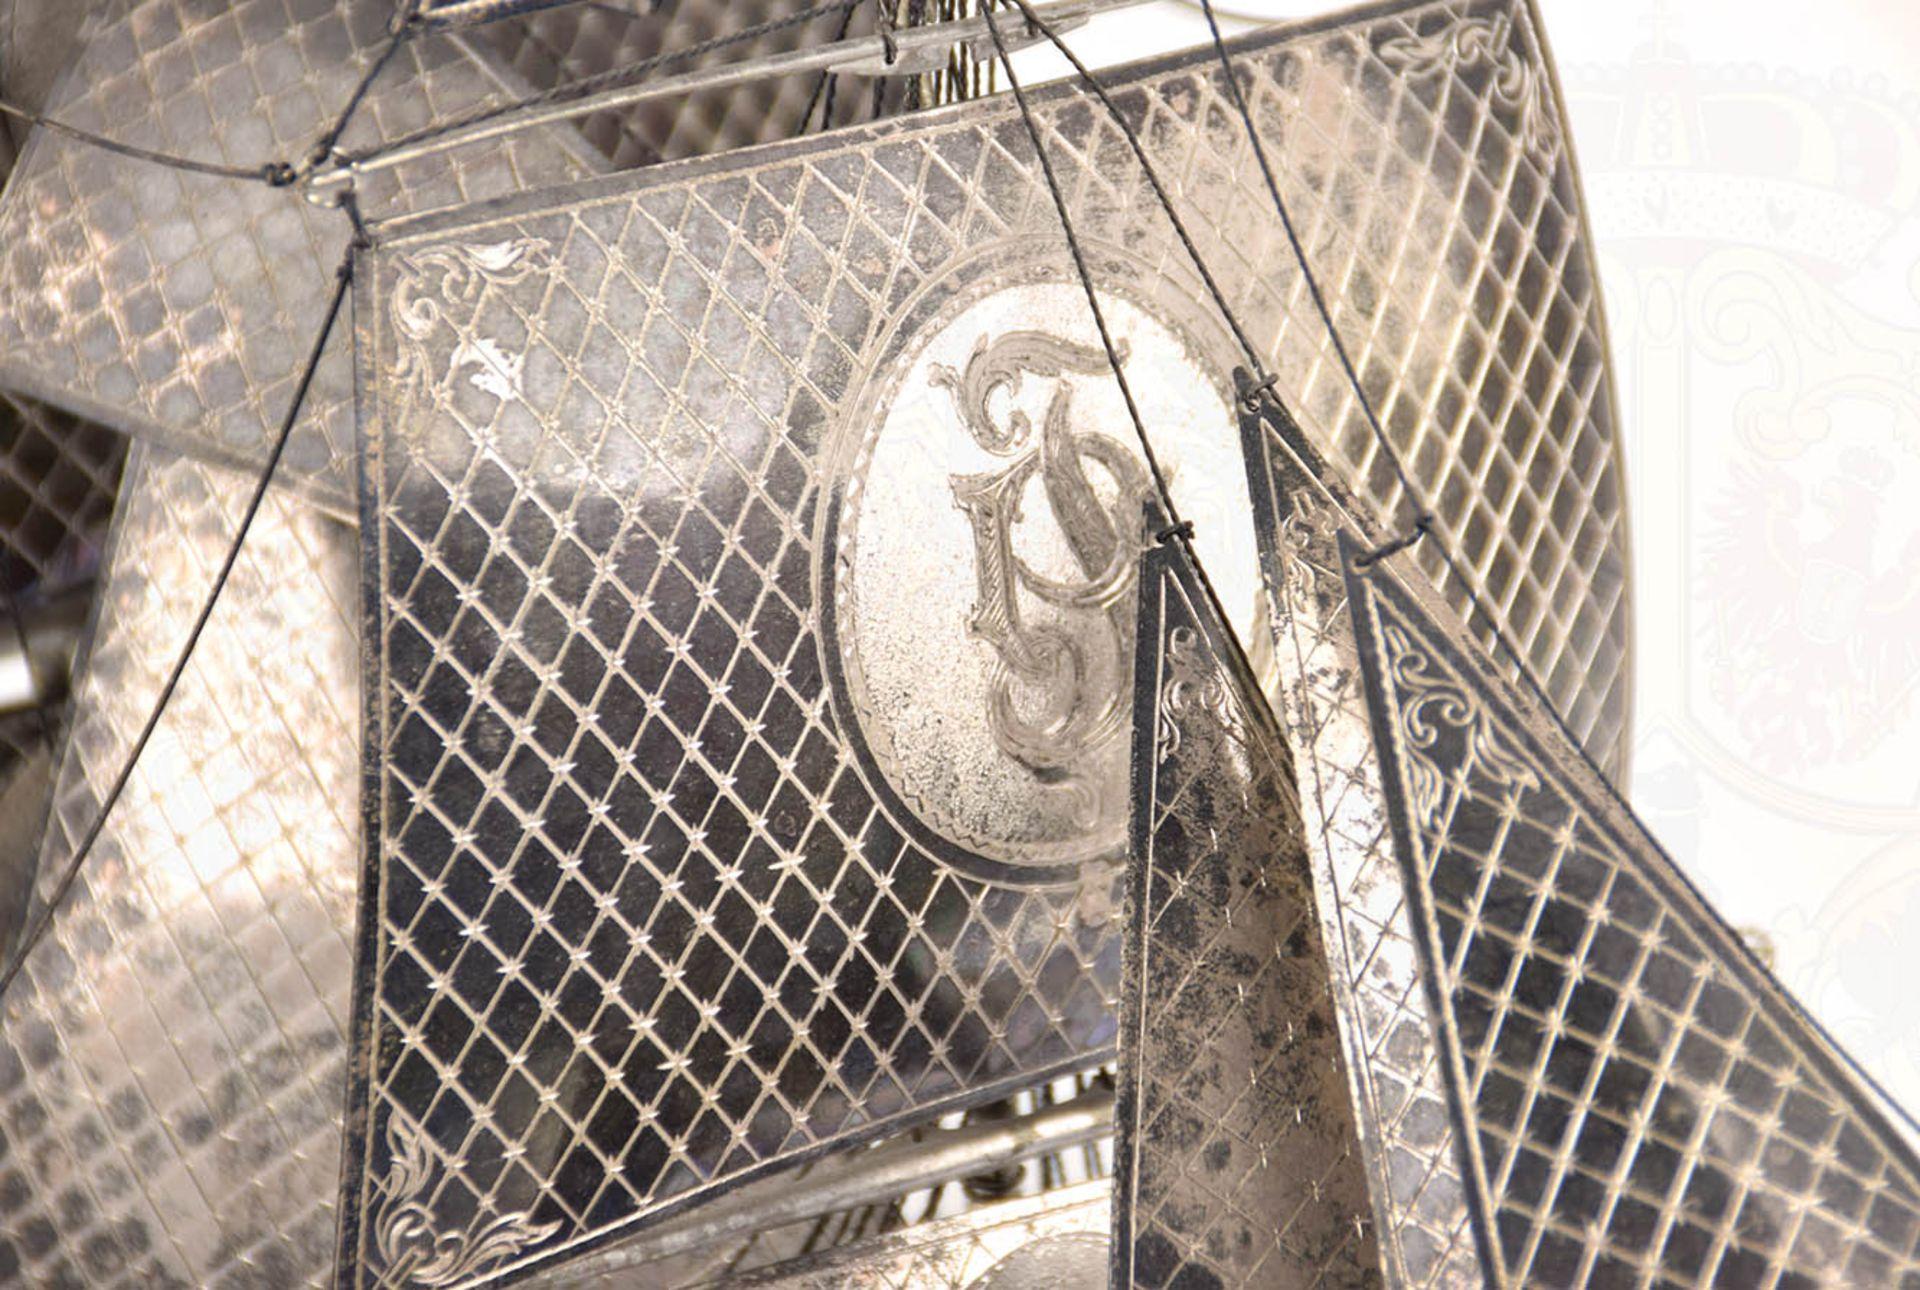 MODELL-LINIENSCHIFF, Dreidecker-Segellinienschiff der 2. Hälfte des 18. Jhd. mit 100 Kanonen, - Bild 10 aus 15